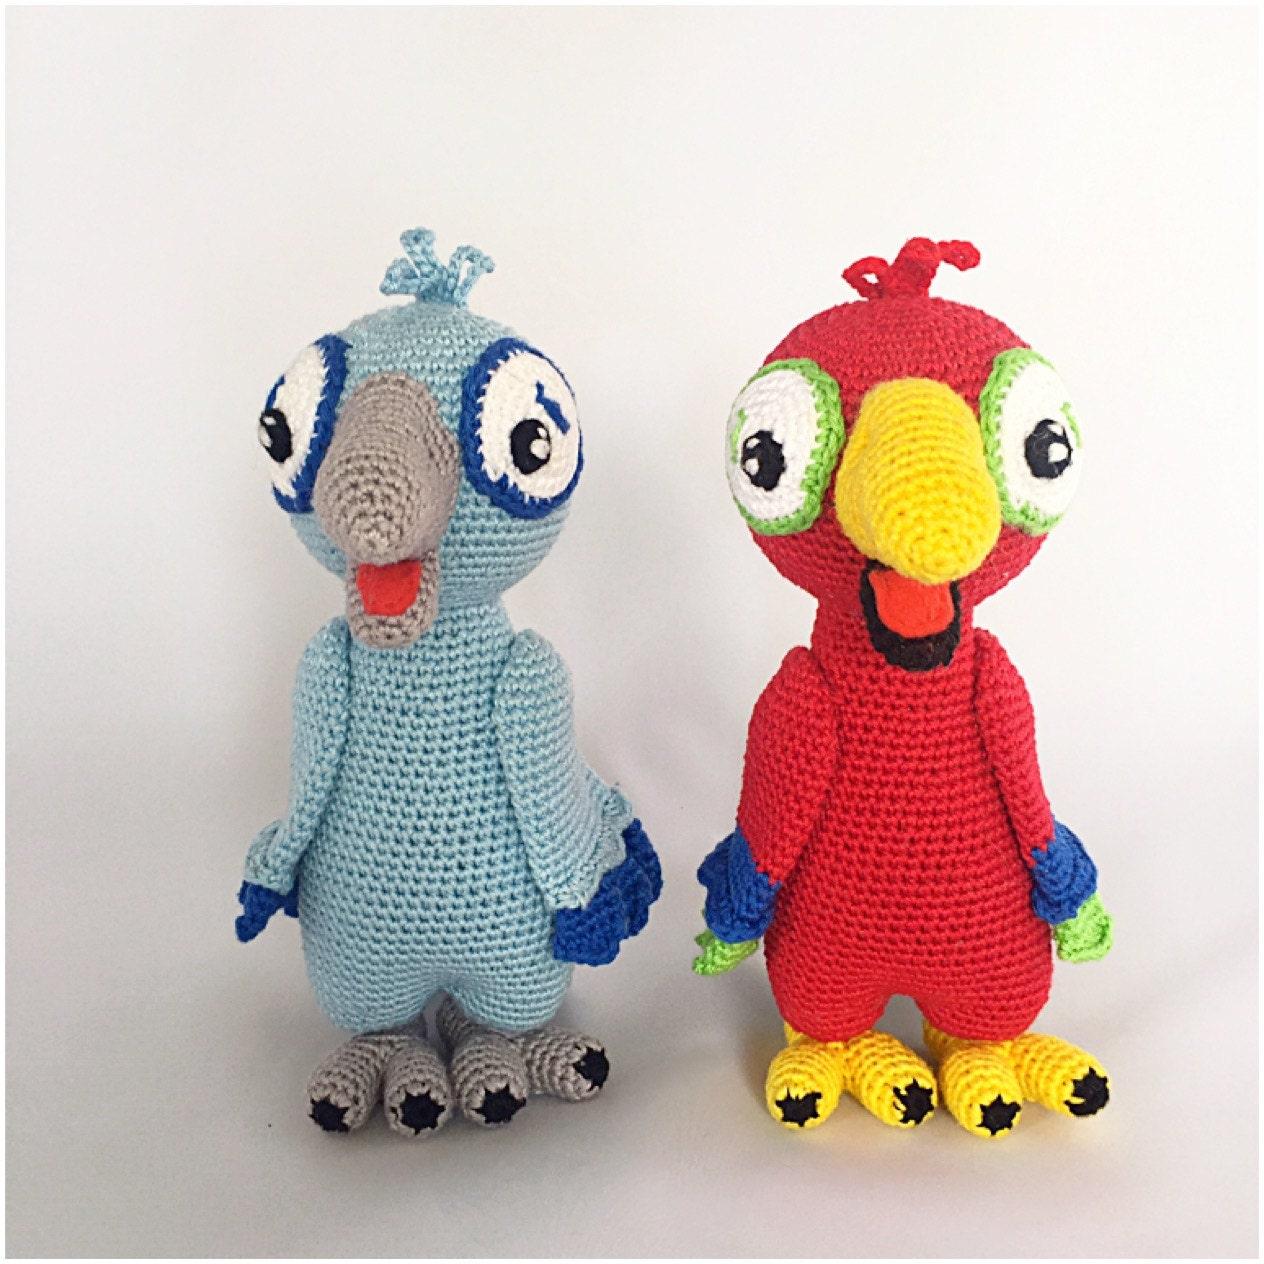 Little Bird - Free Crochet Pattern - Stella's Yarn Universe   1264x1264